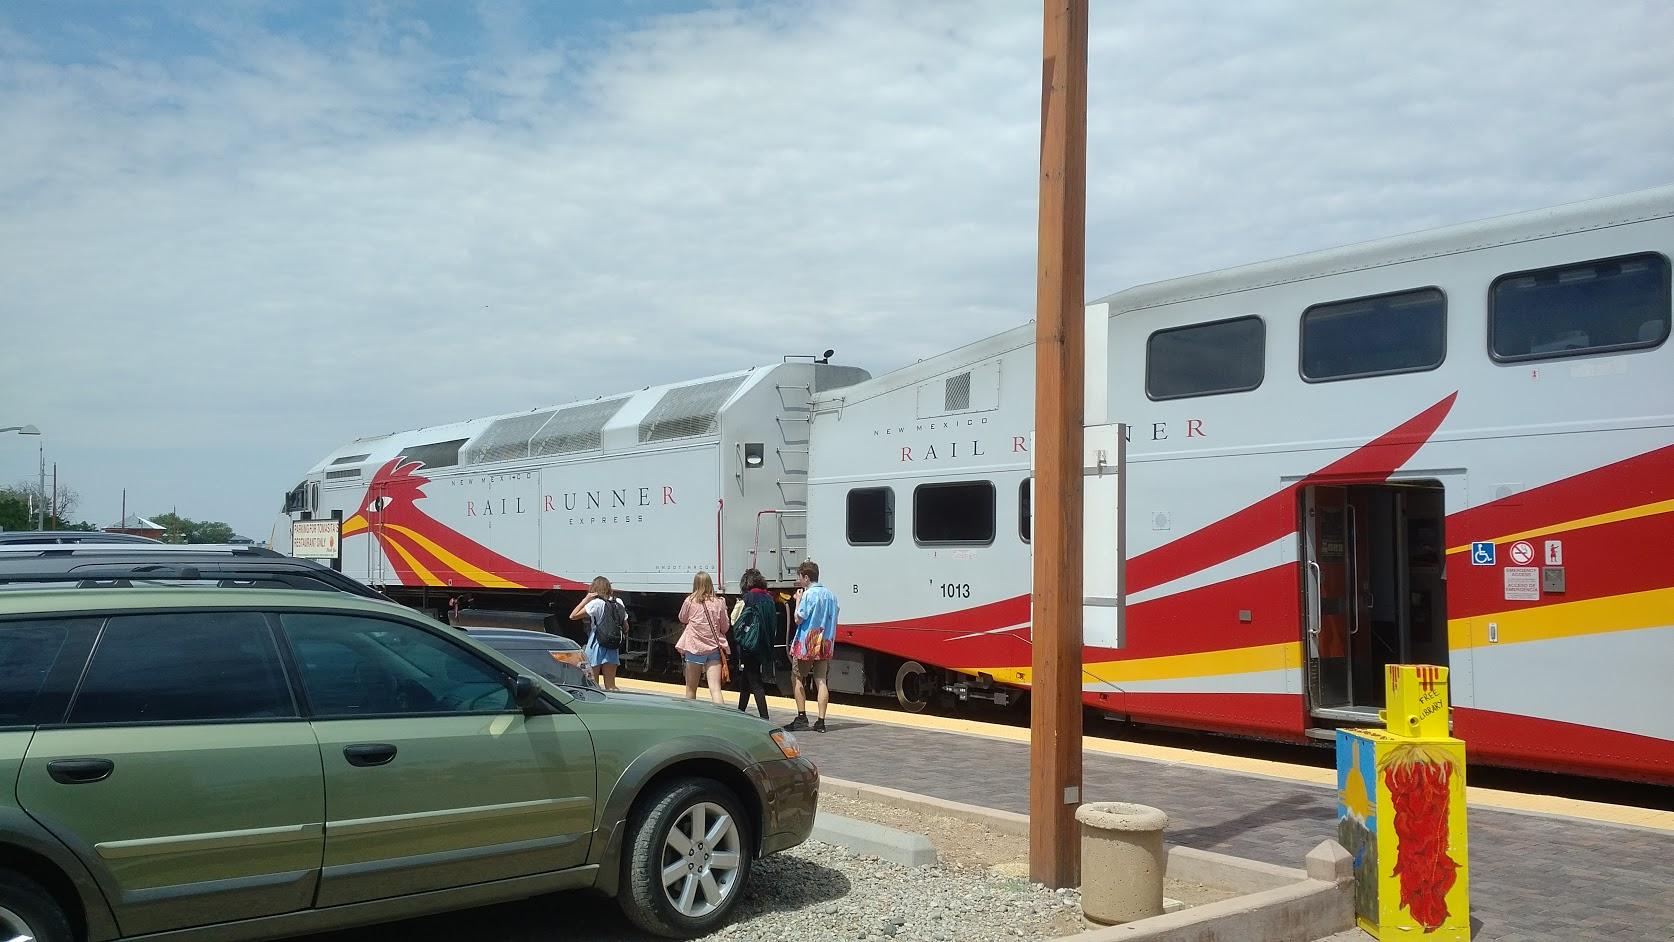 Santa Fe, NM RailRunneR train at station.